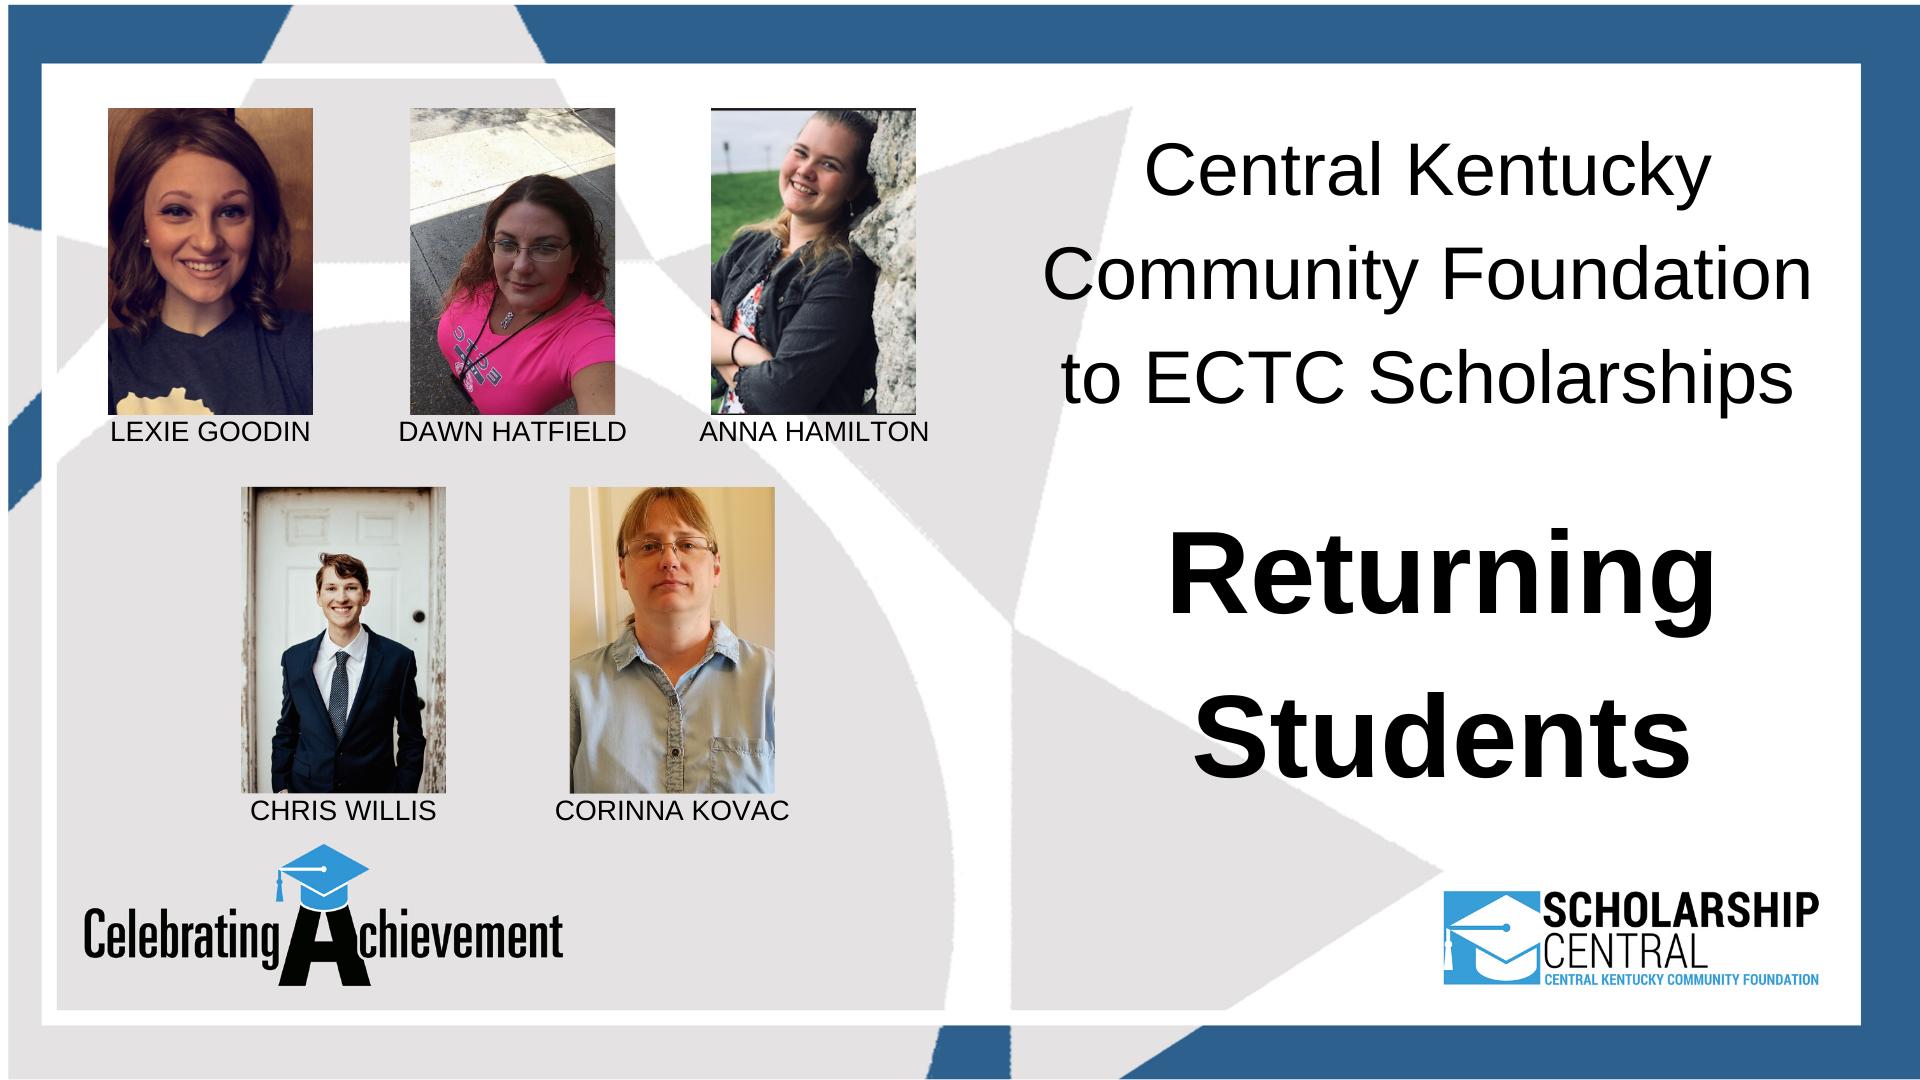 ECTC Returning Scholarship1